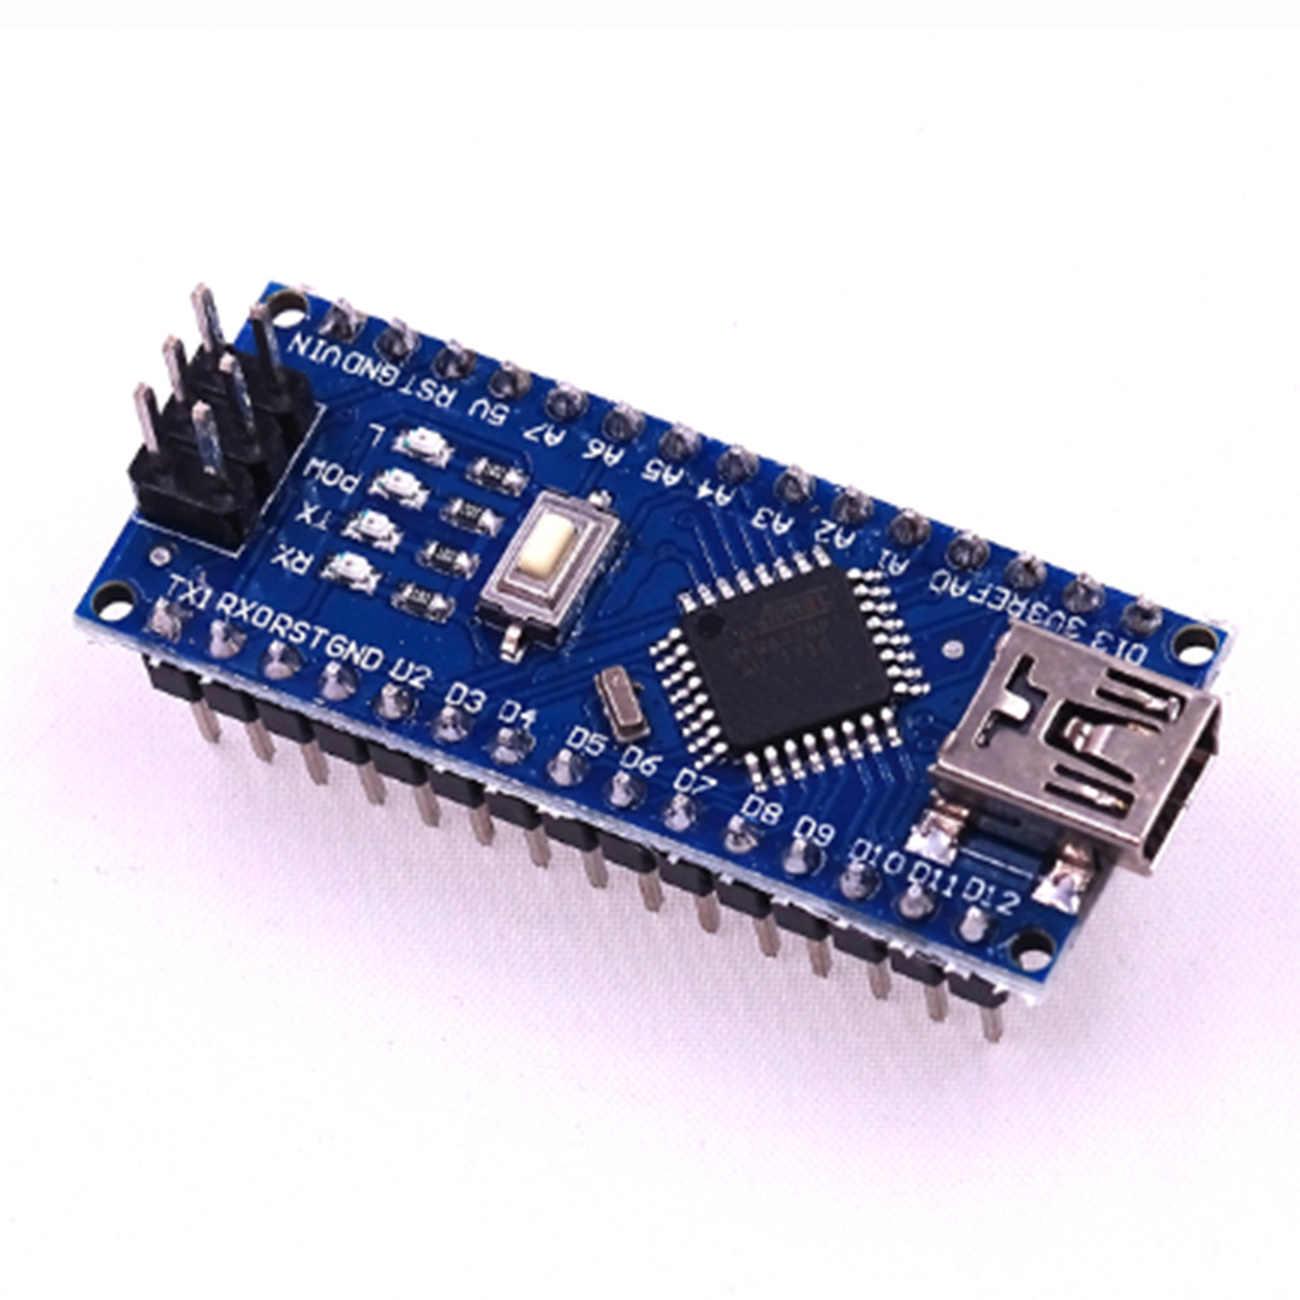 10 pièces Mini USB avec Nano 3.0 chargeur de démarrage Compatible contrôleur pour Arduino CH340 USB pilote 16MHz Nano V3.0 atmega328p